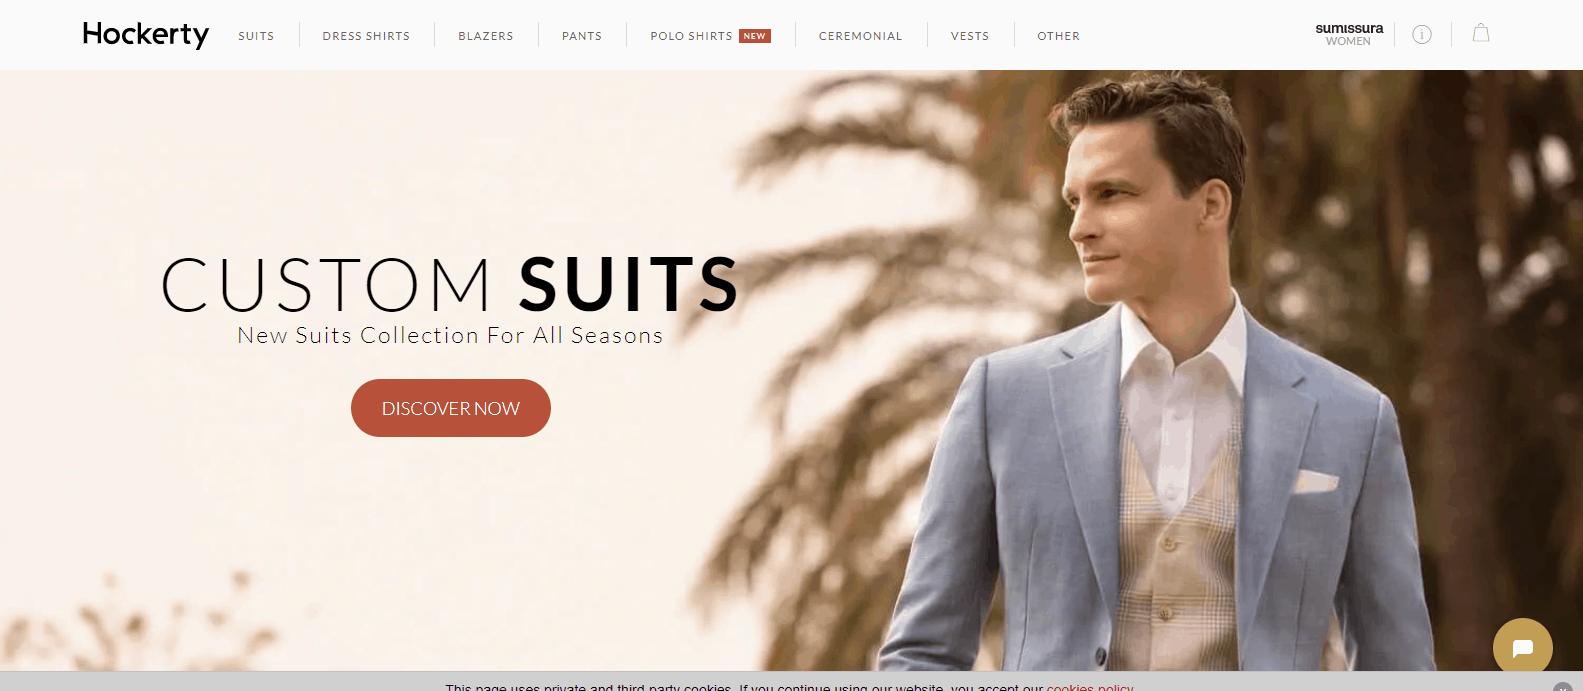 Ligne de vêtements de commerce électronique de costume personnalisé